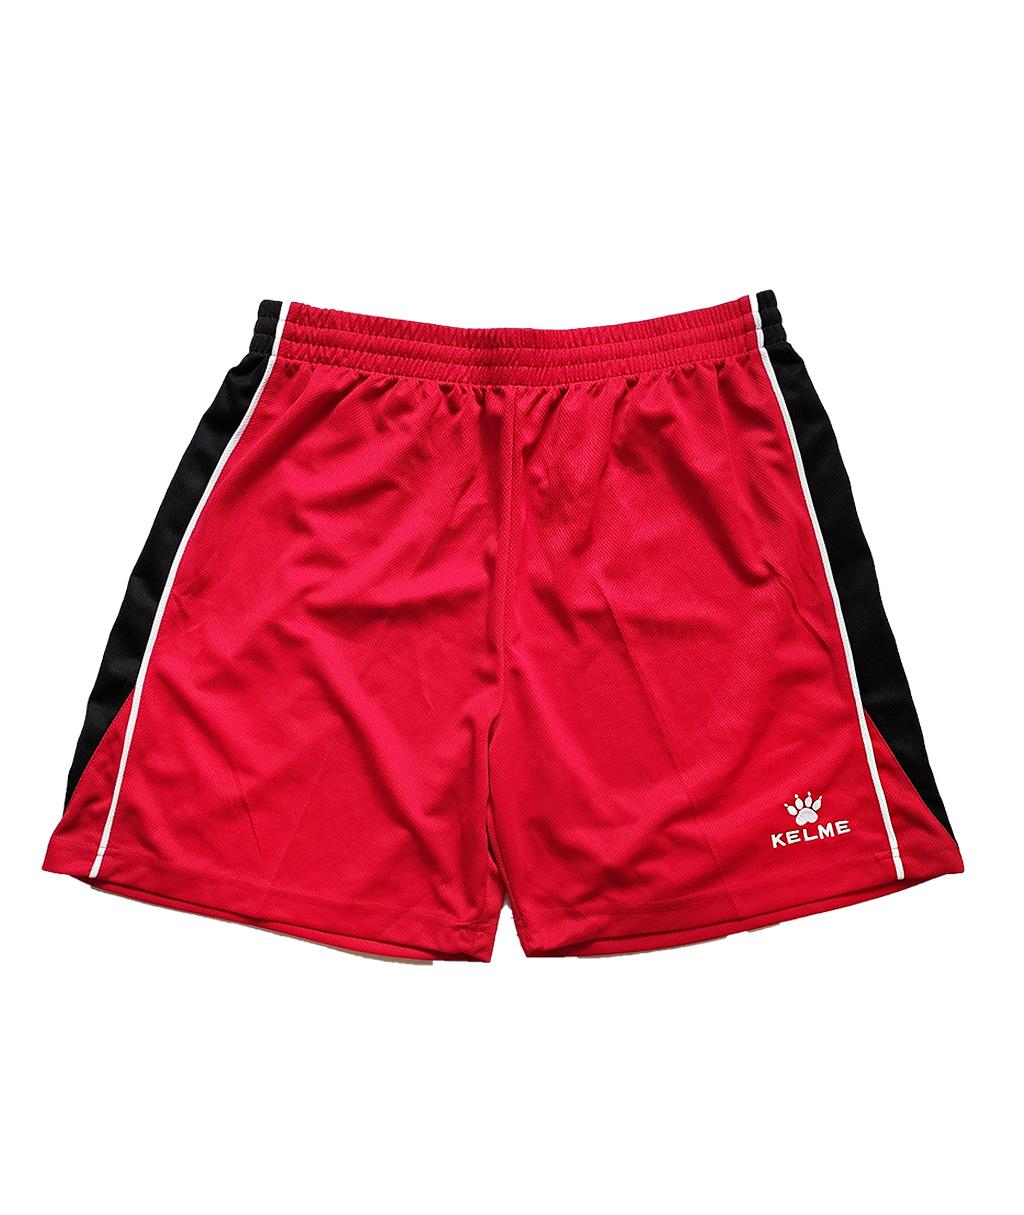 Купить красные футбольные шорты Kelme 6250